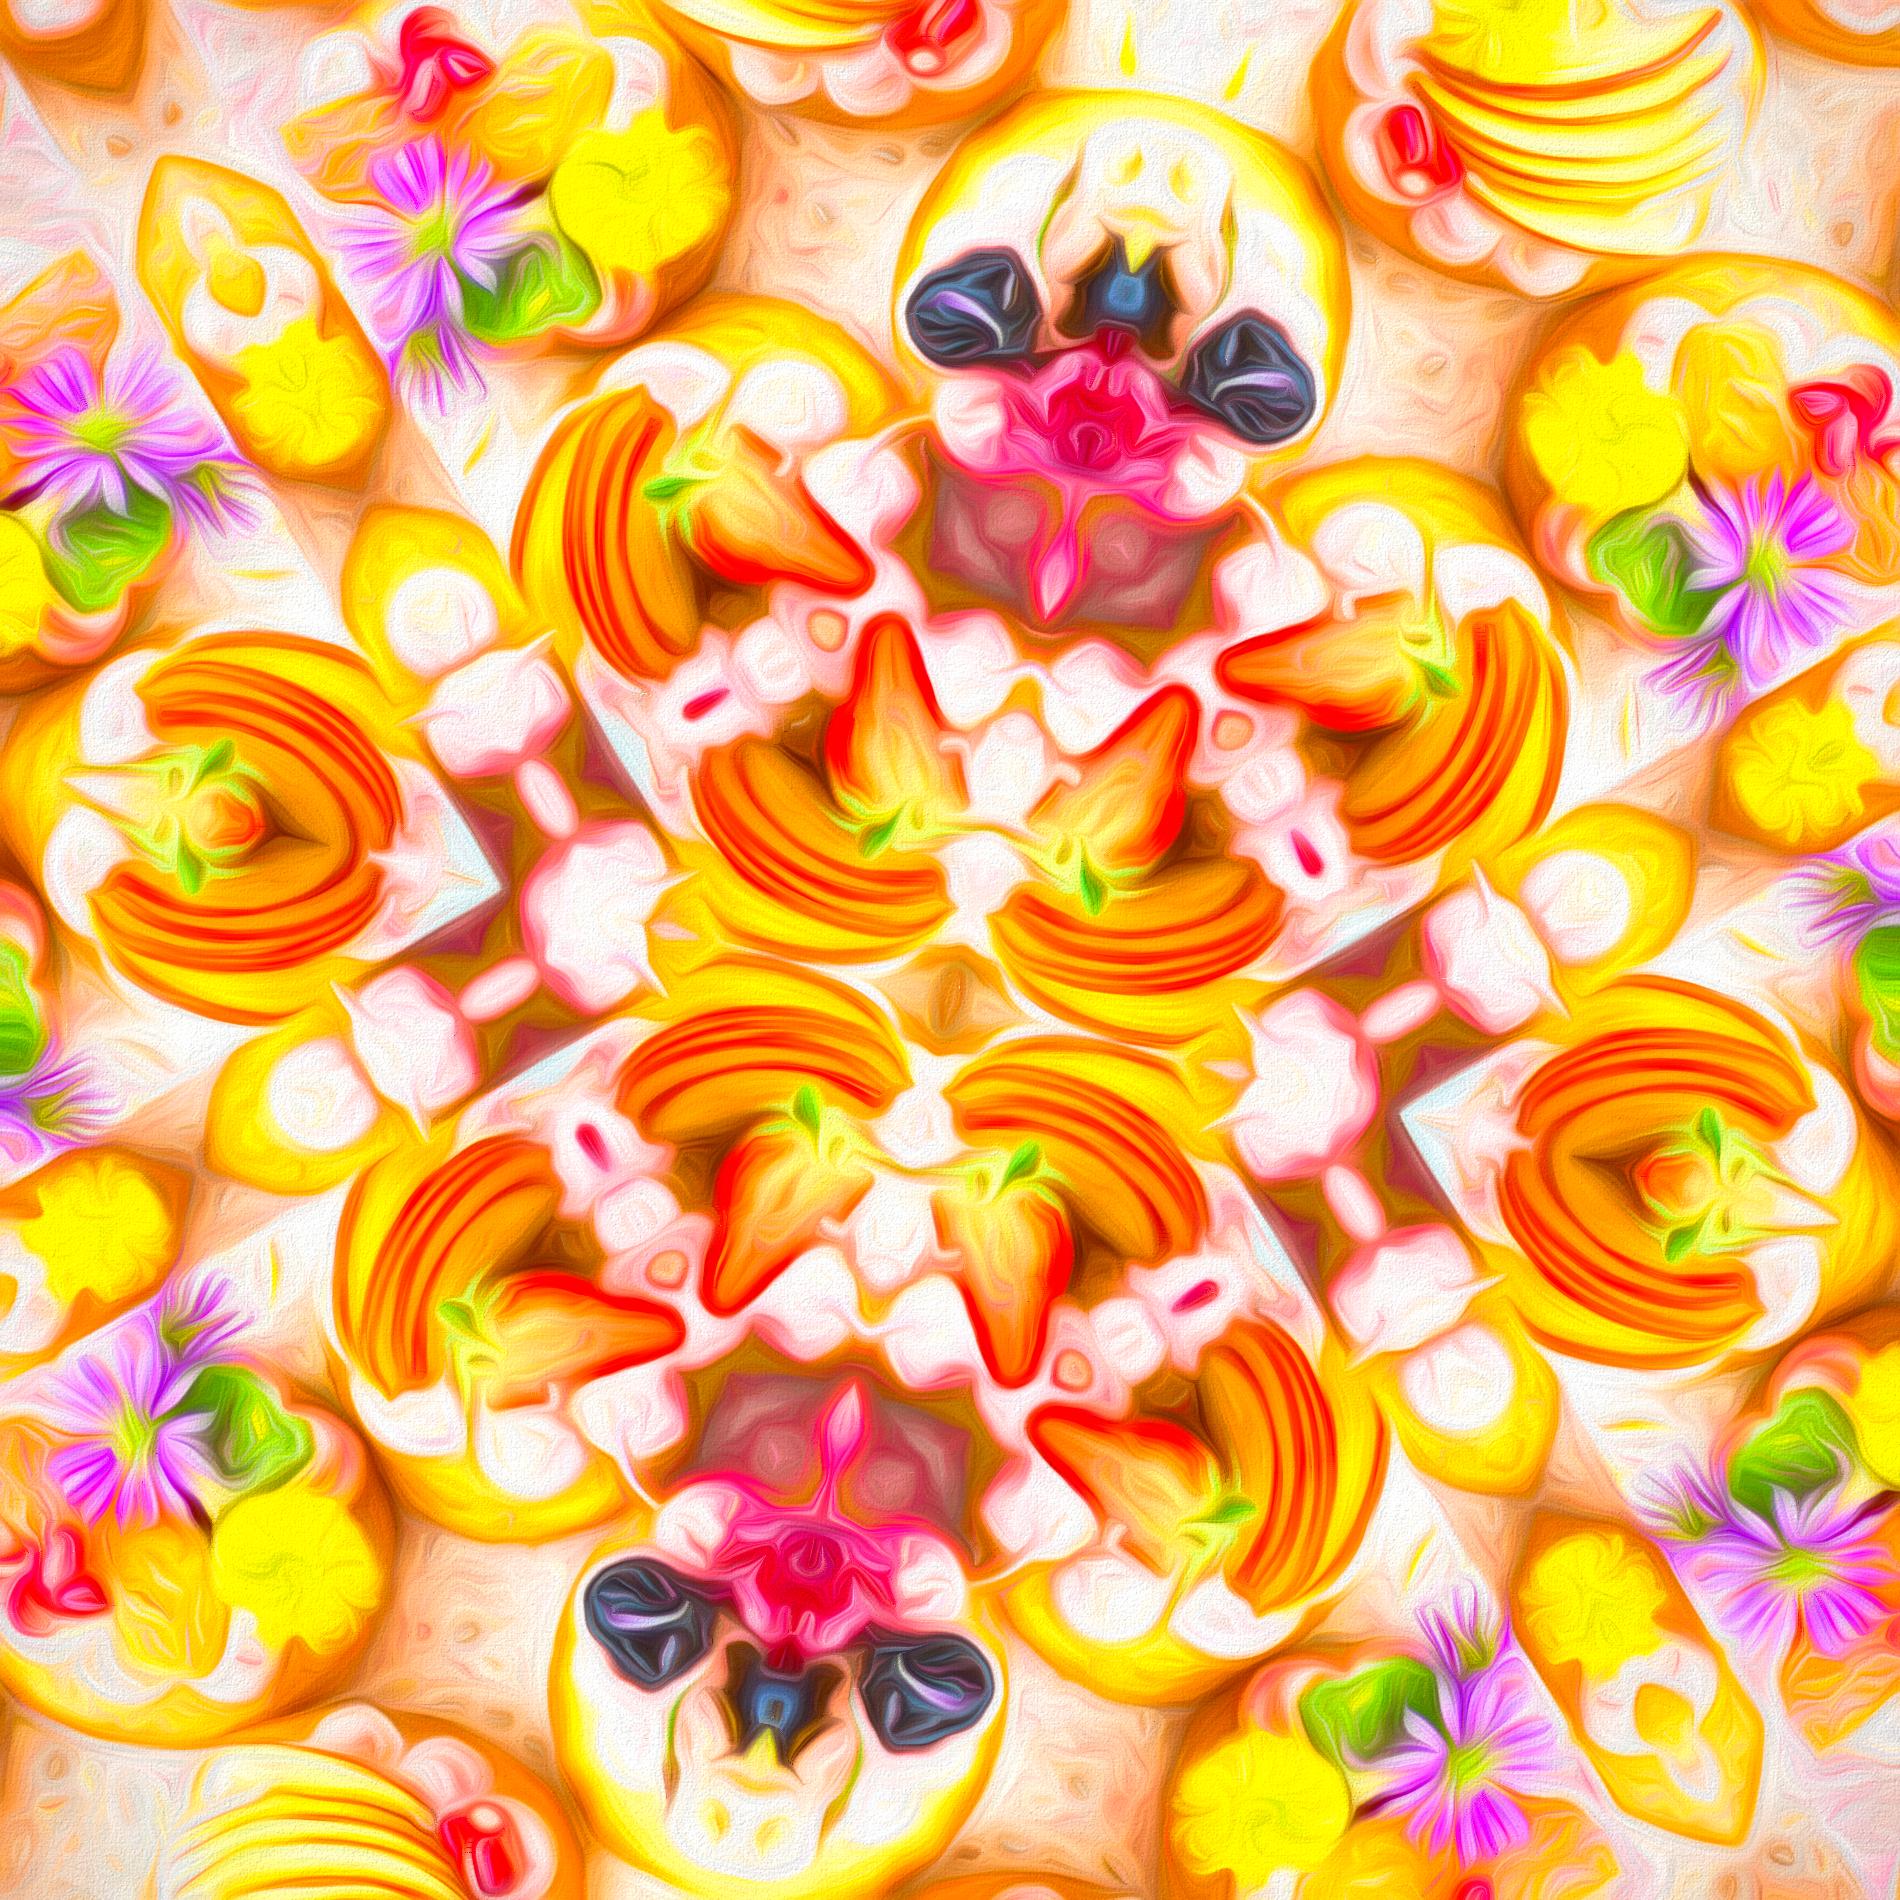 カラフルかわいい&フルーツタルトのパターン壁紙:ソフト